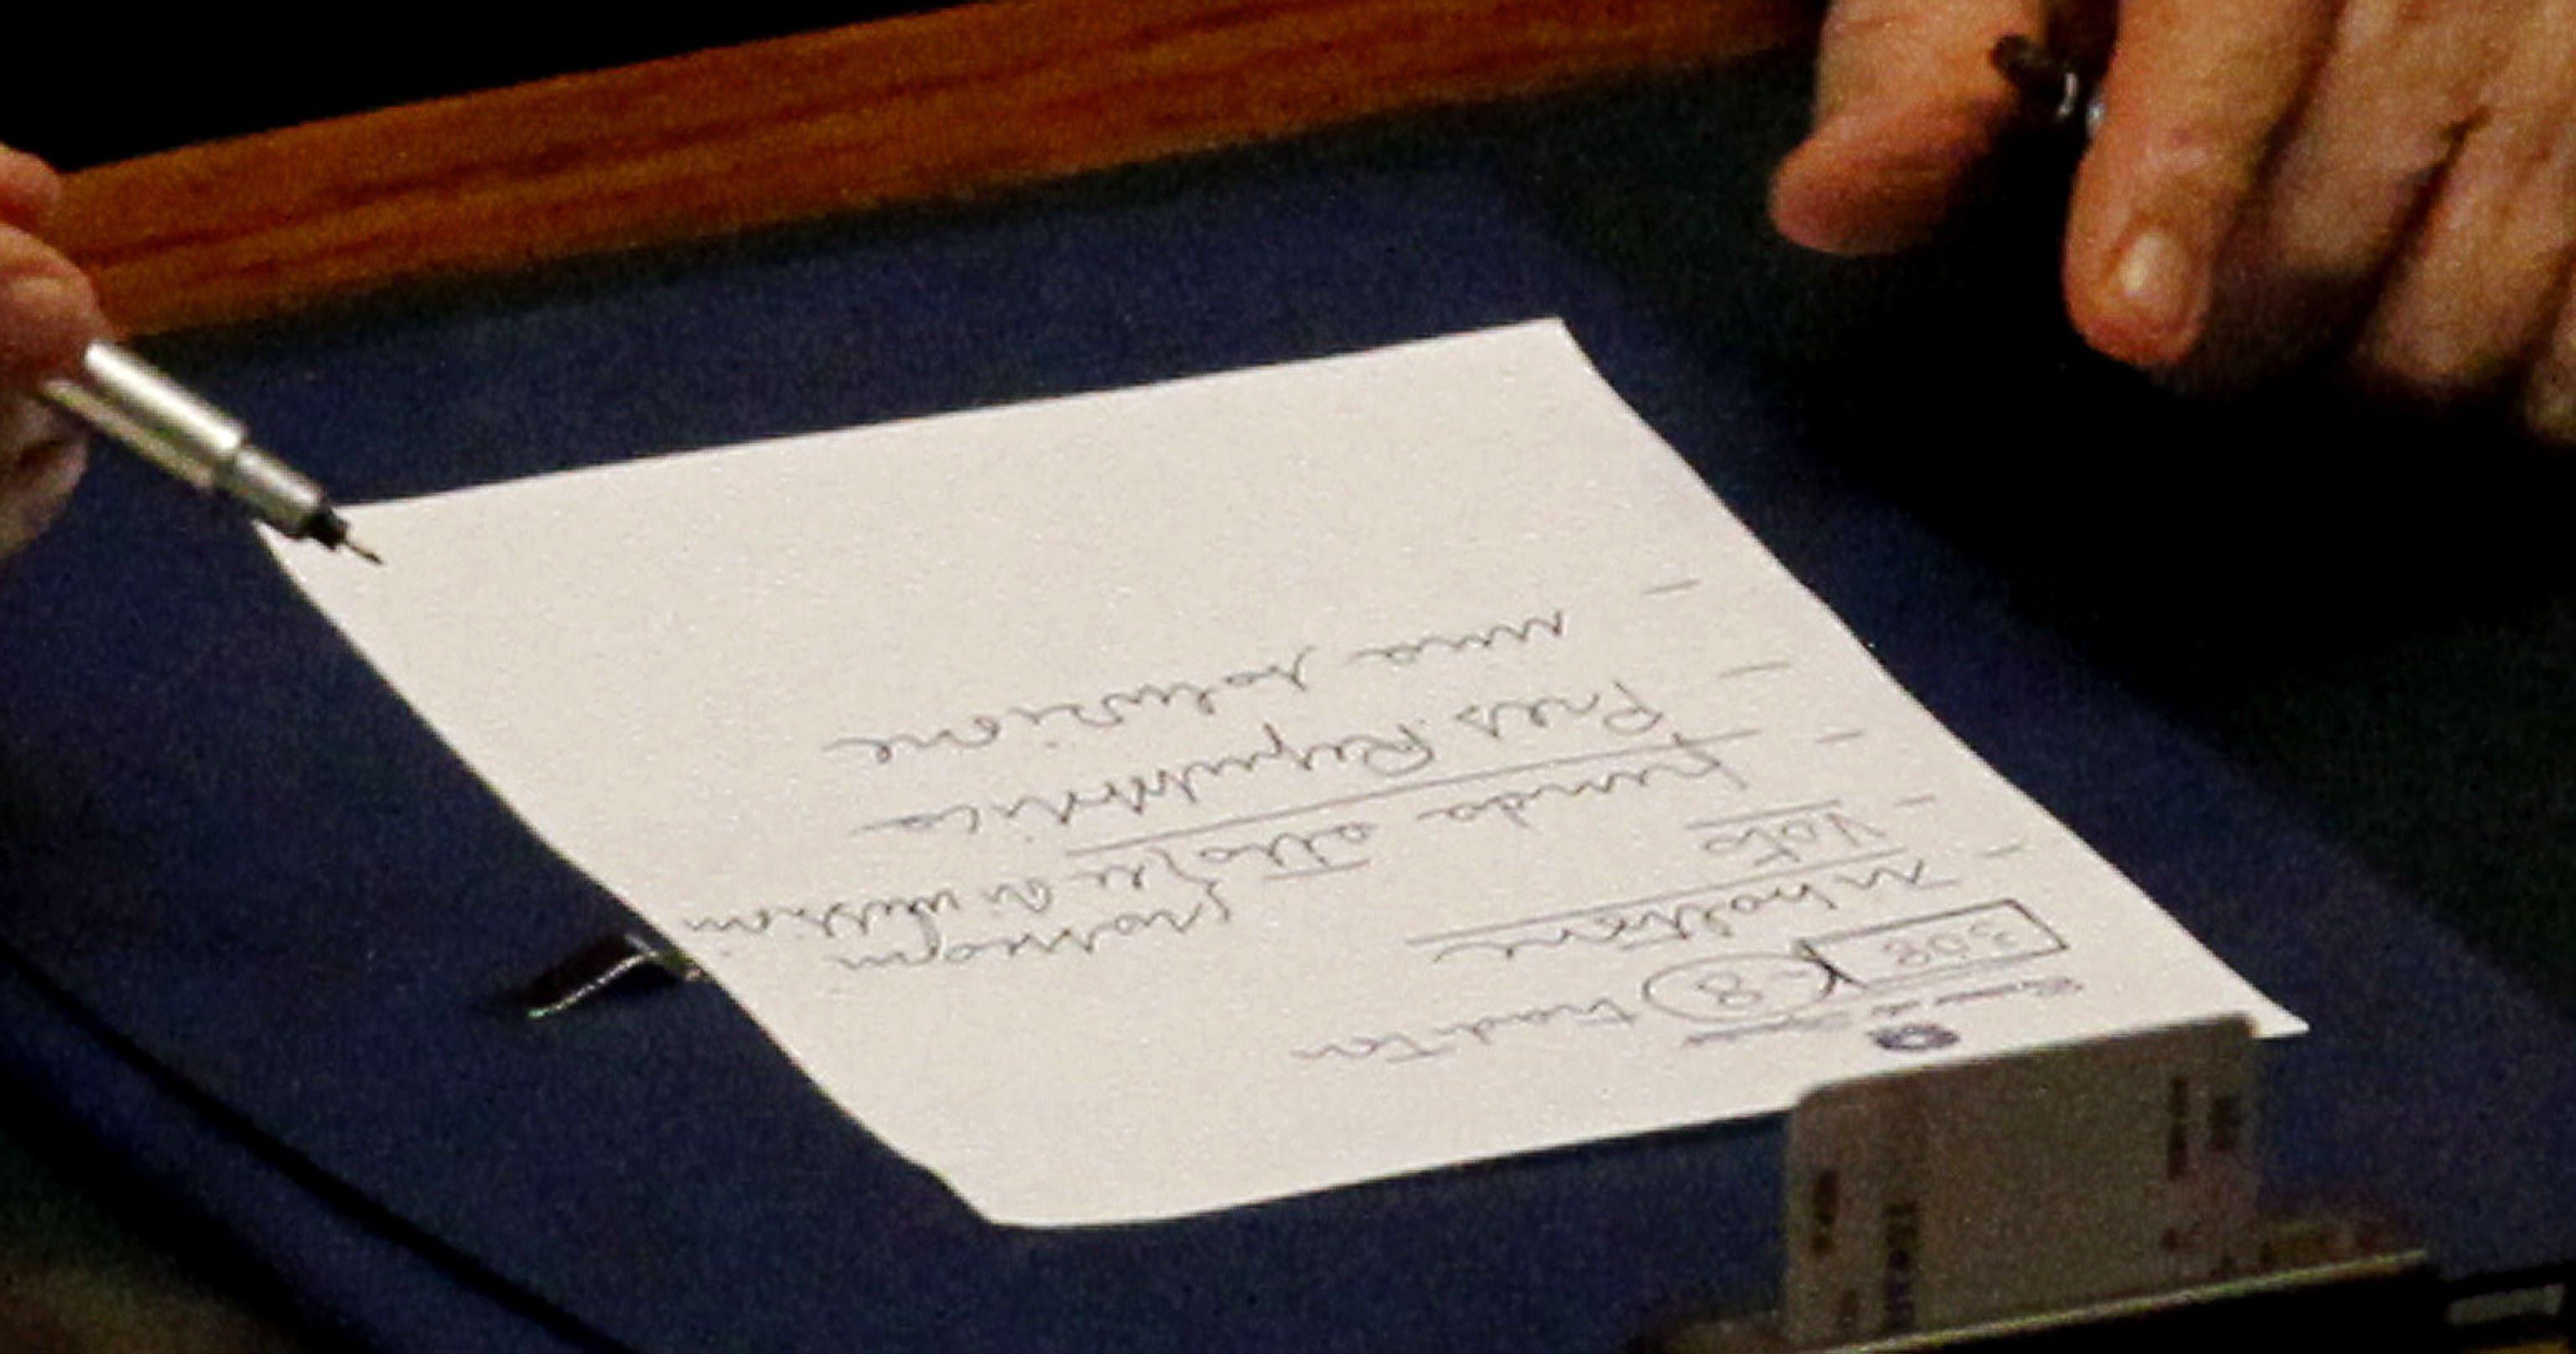 Sindicato do ensino superior vai entregar ação judicial contra Governo